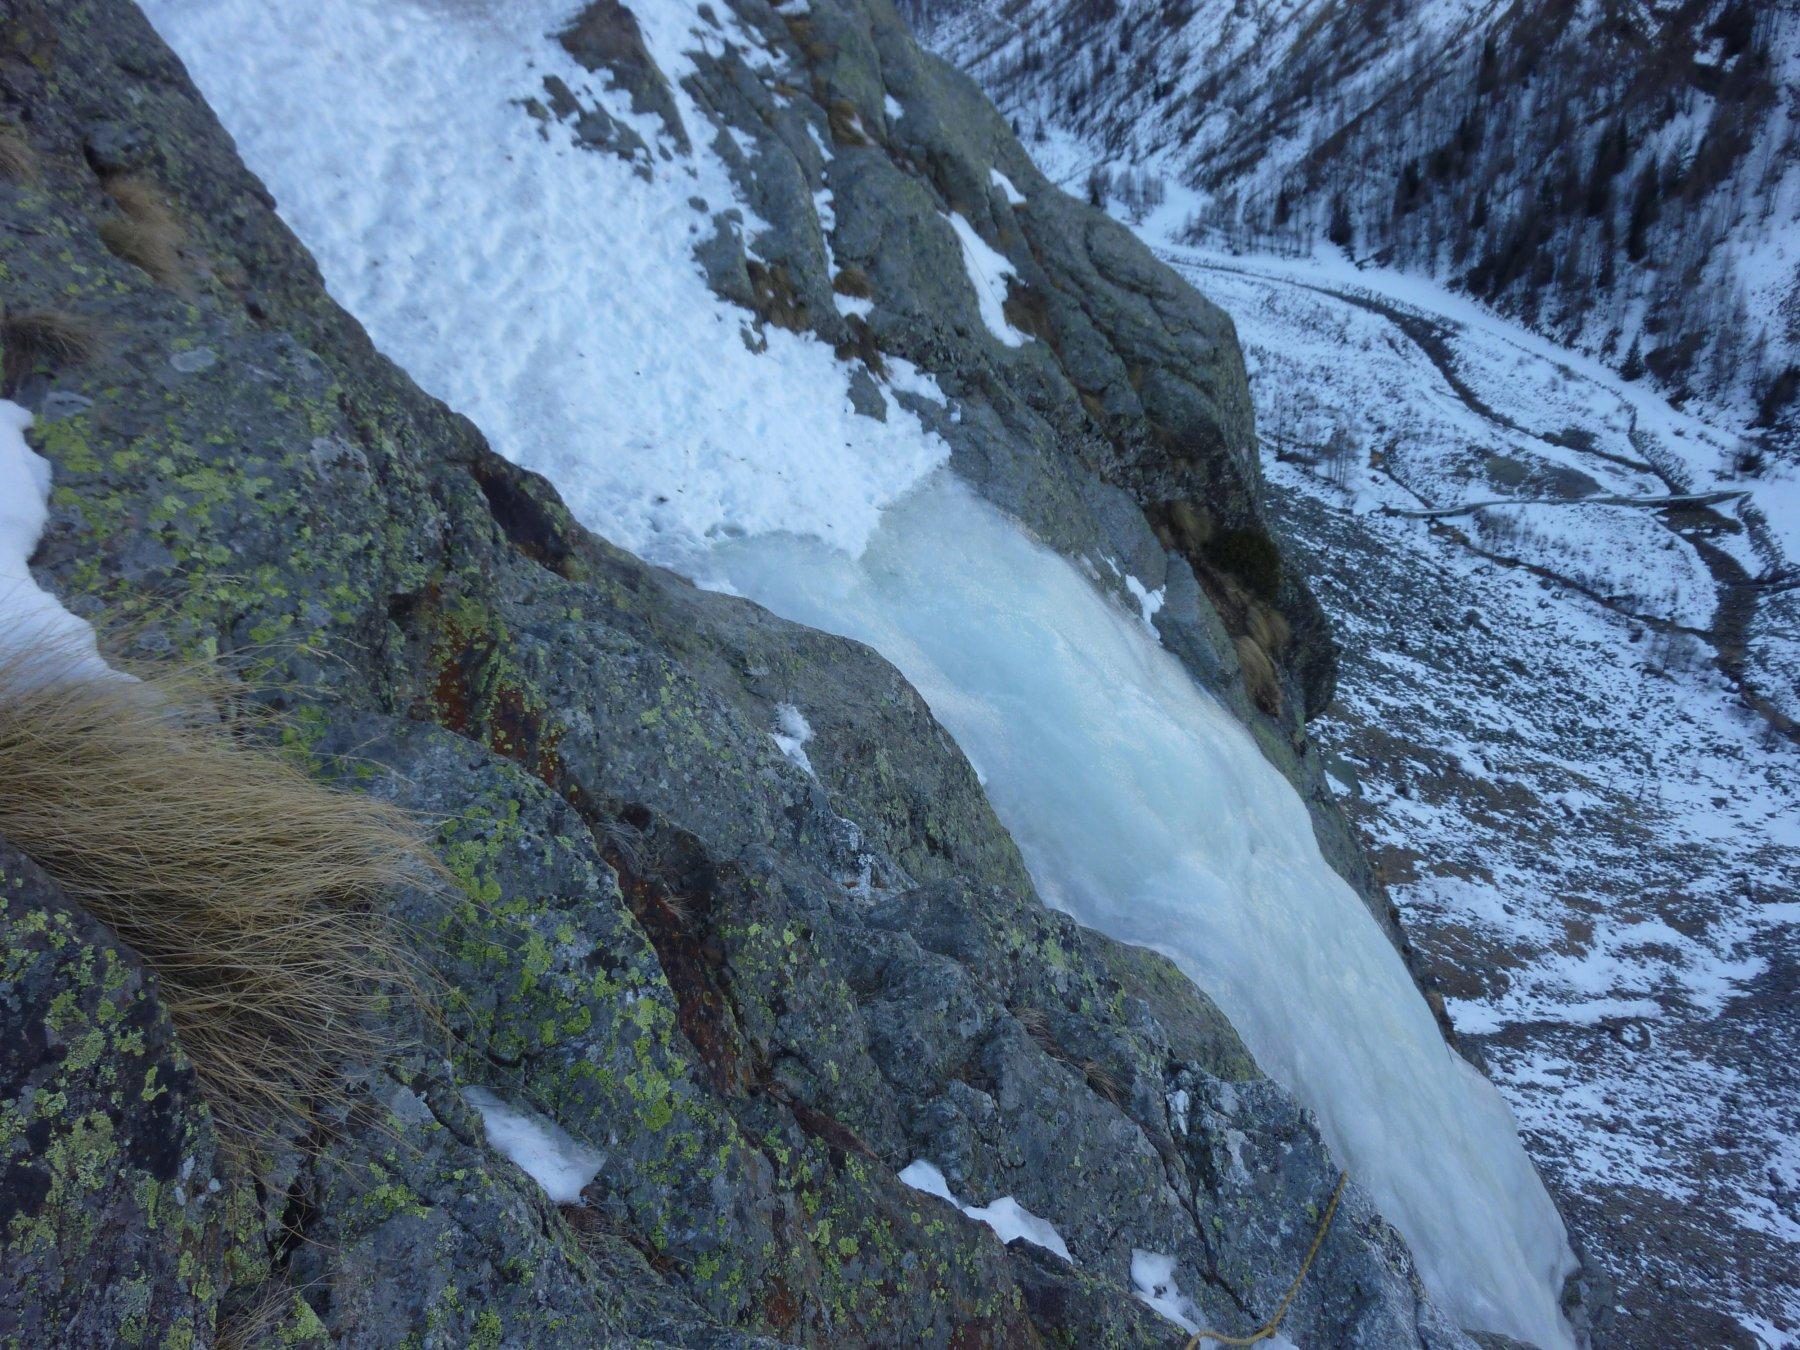 il traverso, calata su rocce prive di ghiaccio